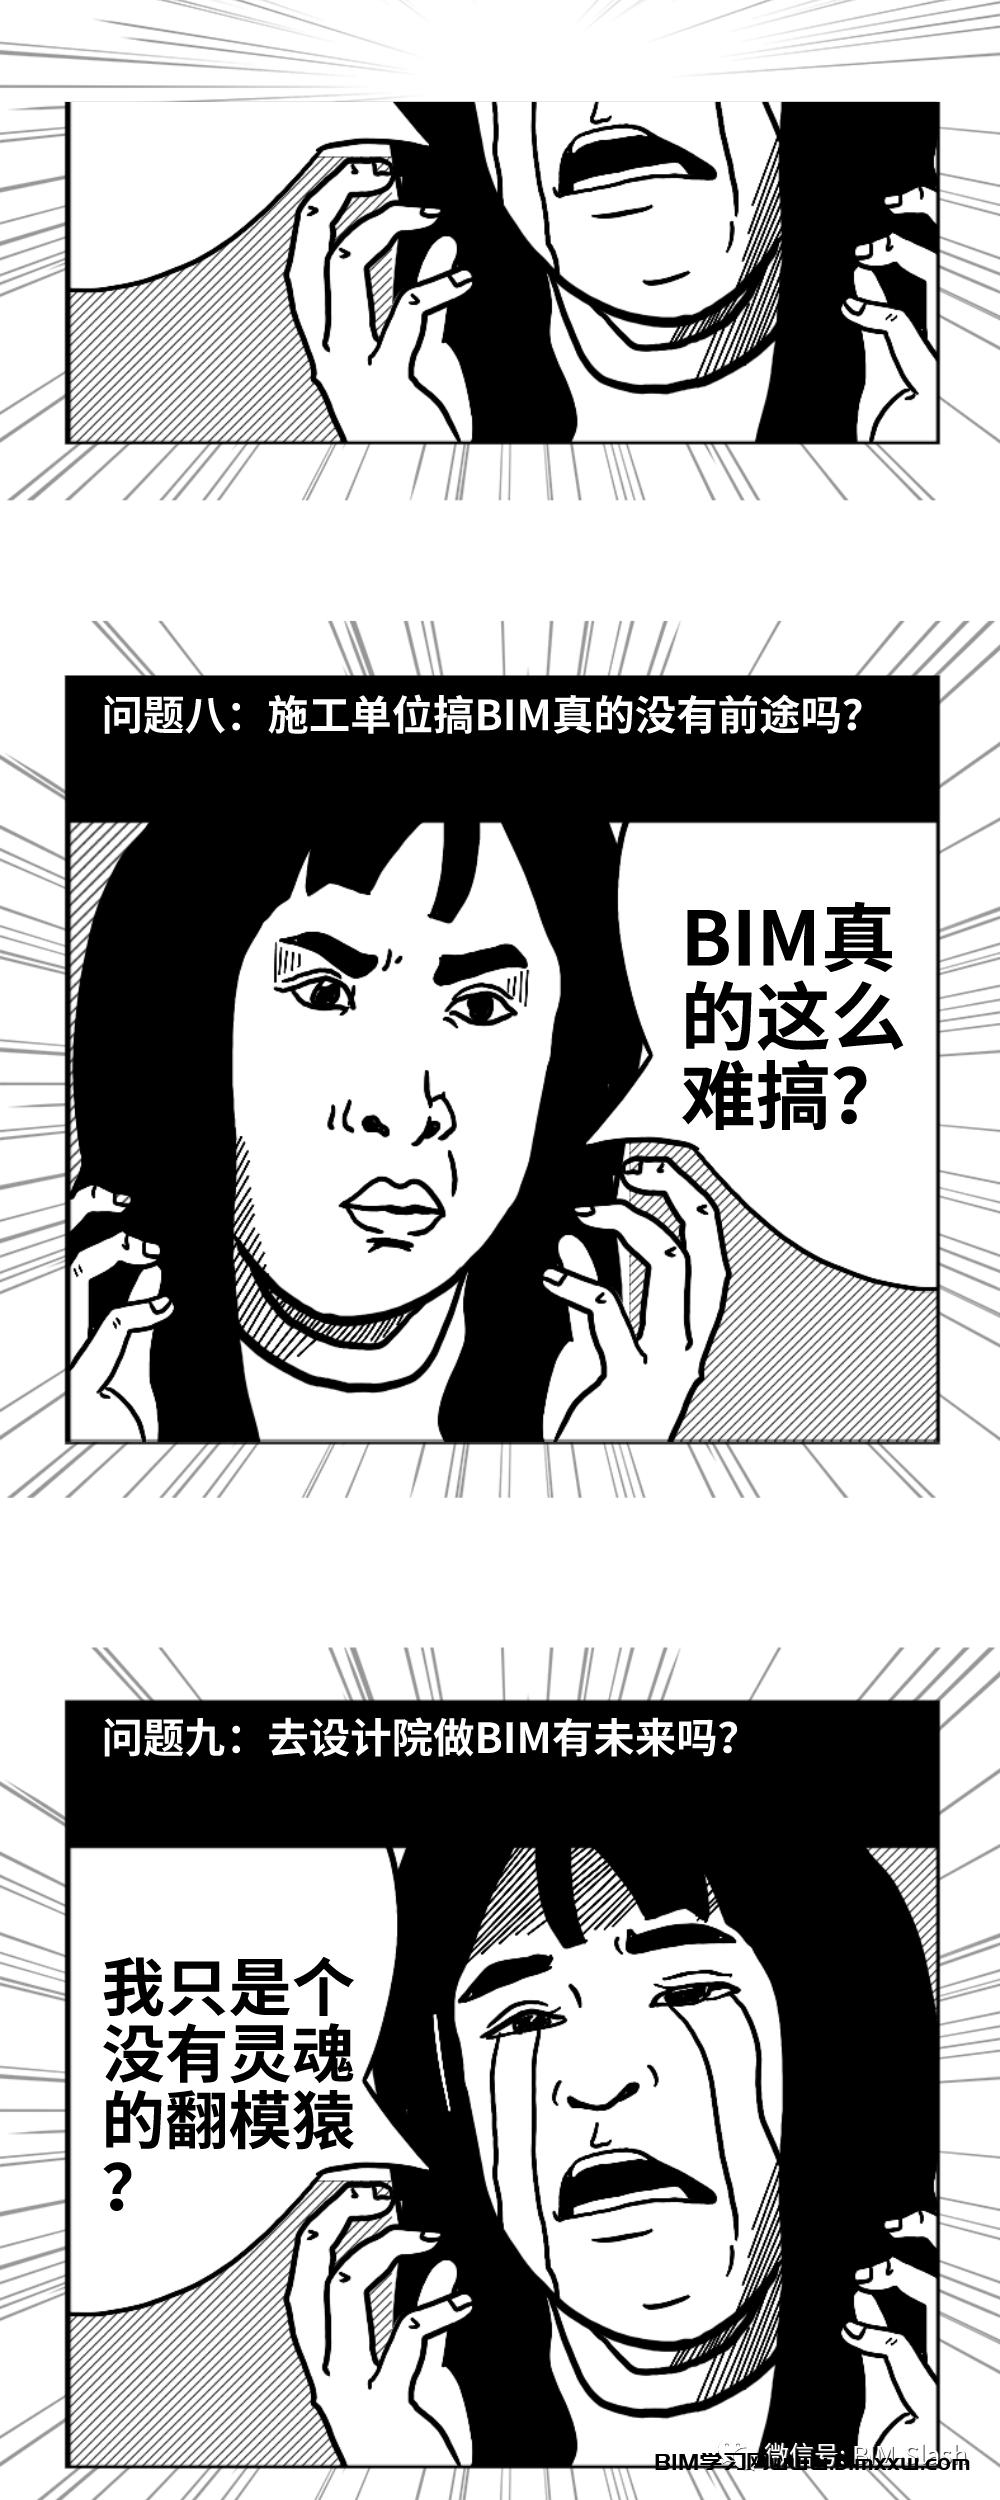 BIM十问十答,个个问题厉害,直击痛点?